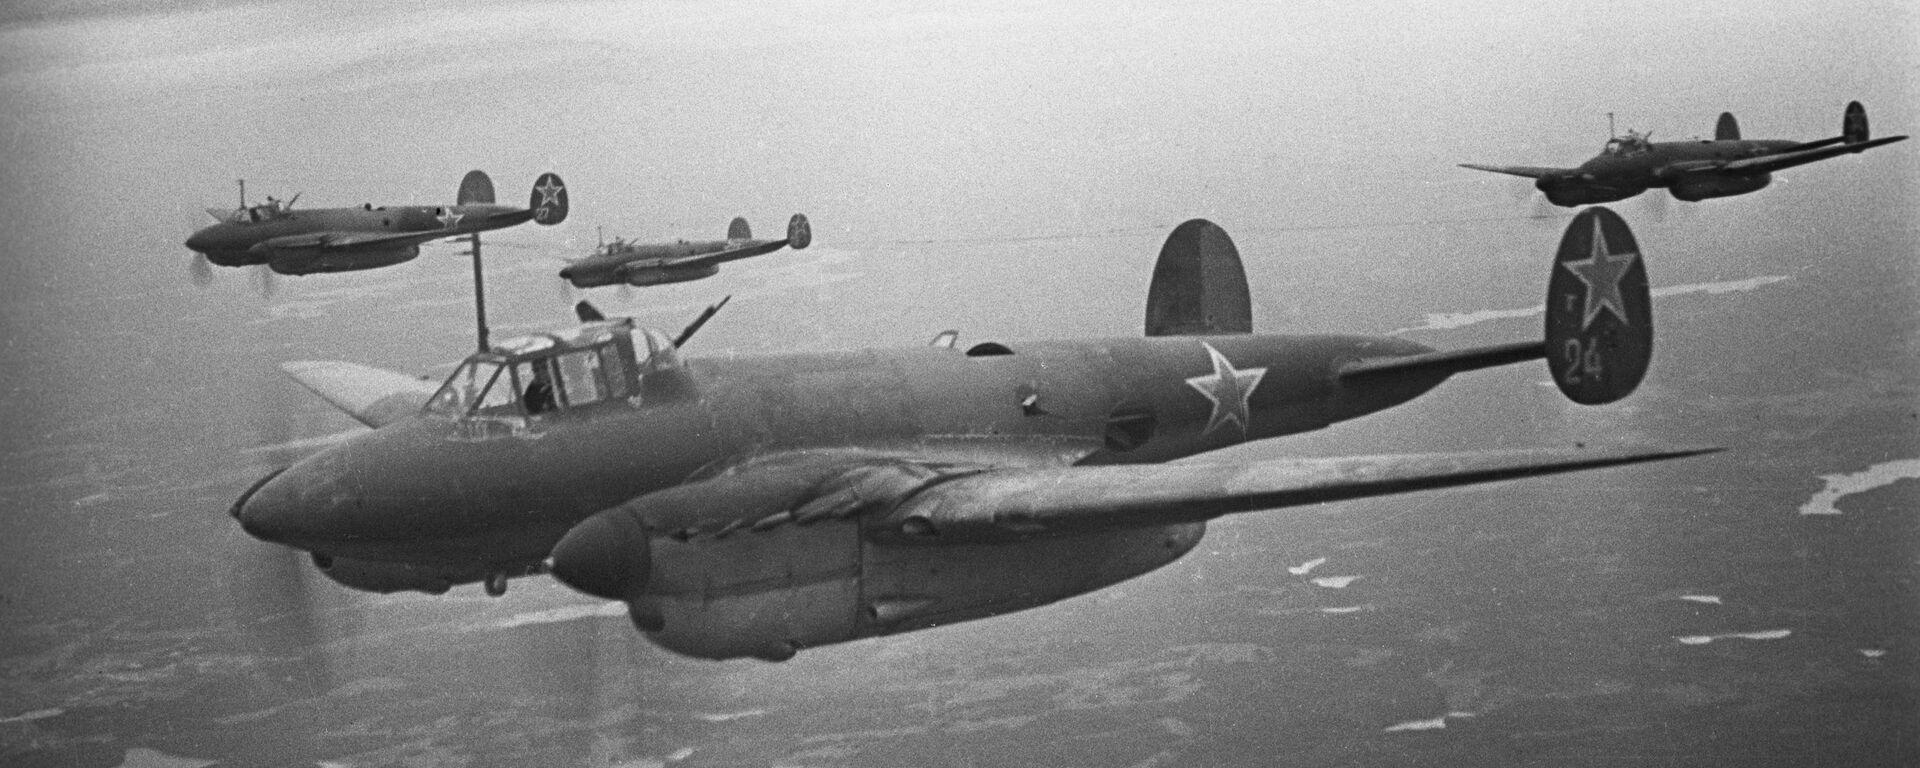 Wielka Wojna Ojczyźniana 1941-1945 - Sputnik Polska, 1920, 08.05.2021